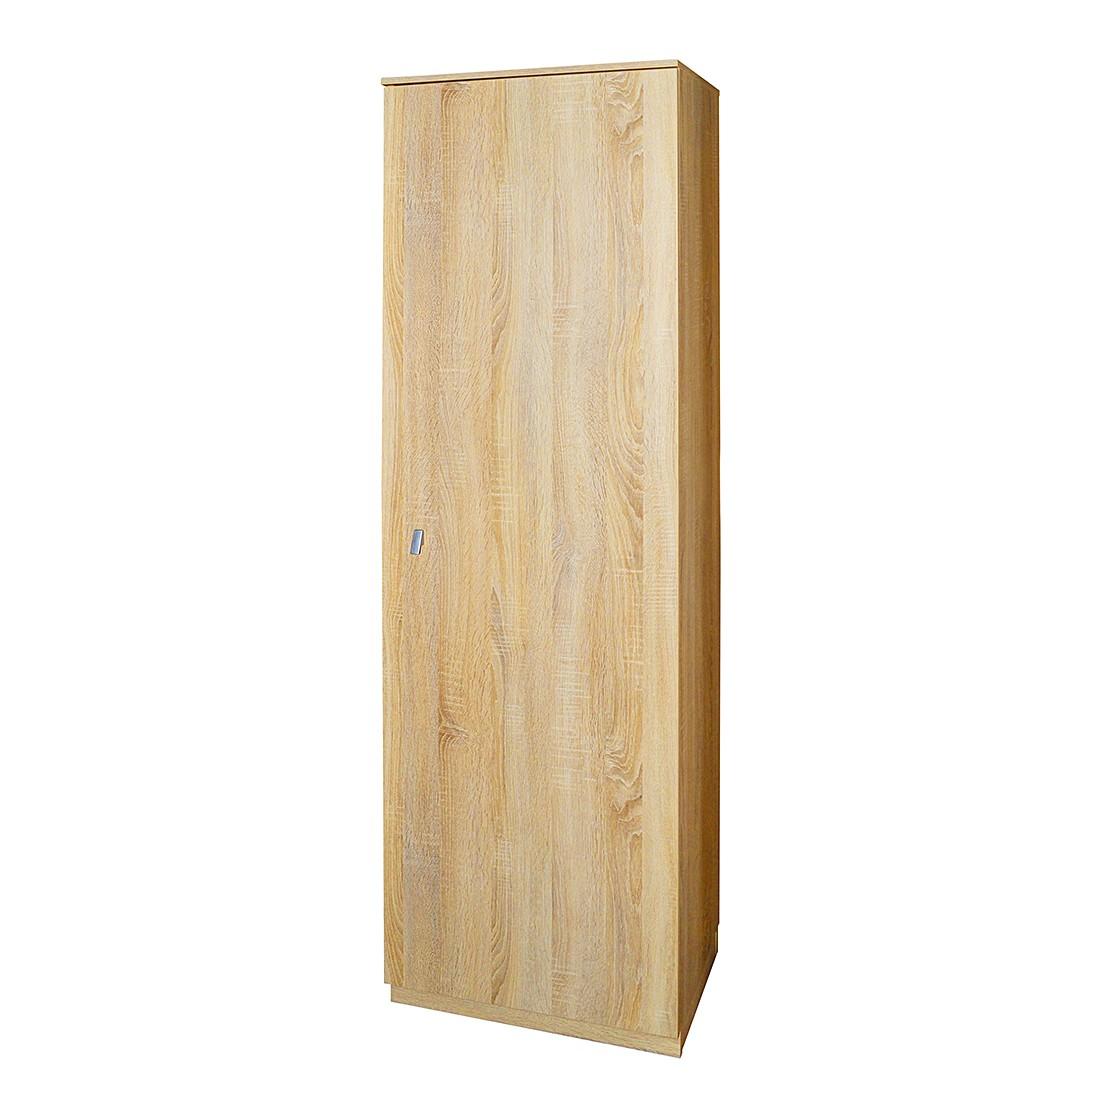 Armoire latérale Serram - Imitation chêne brut de sciage, mooved